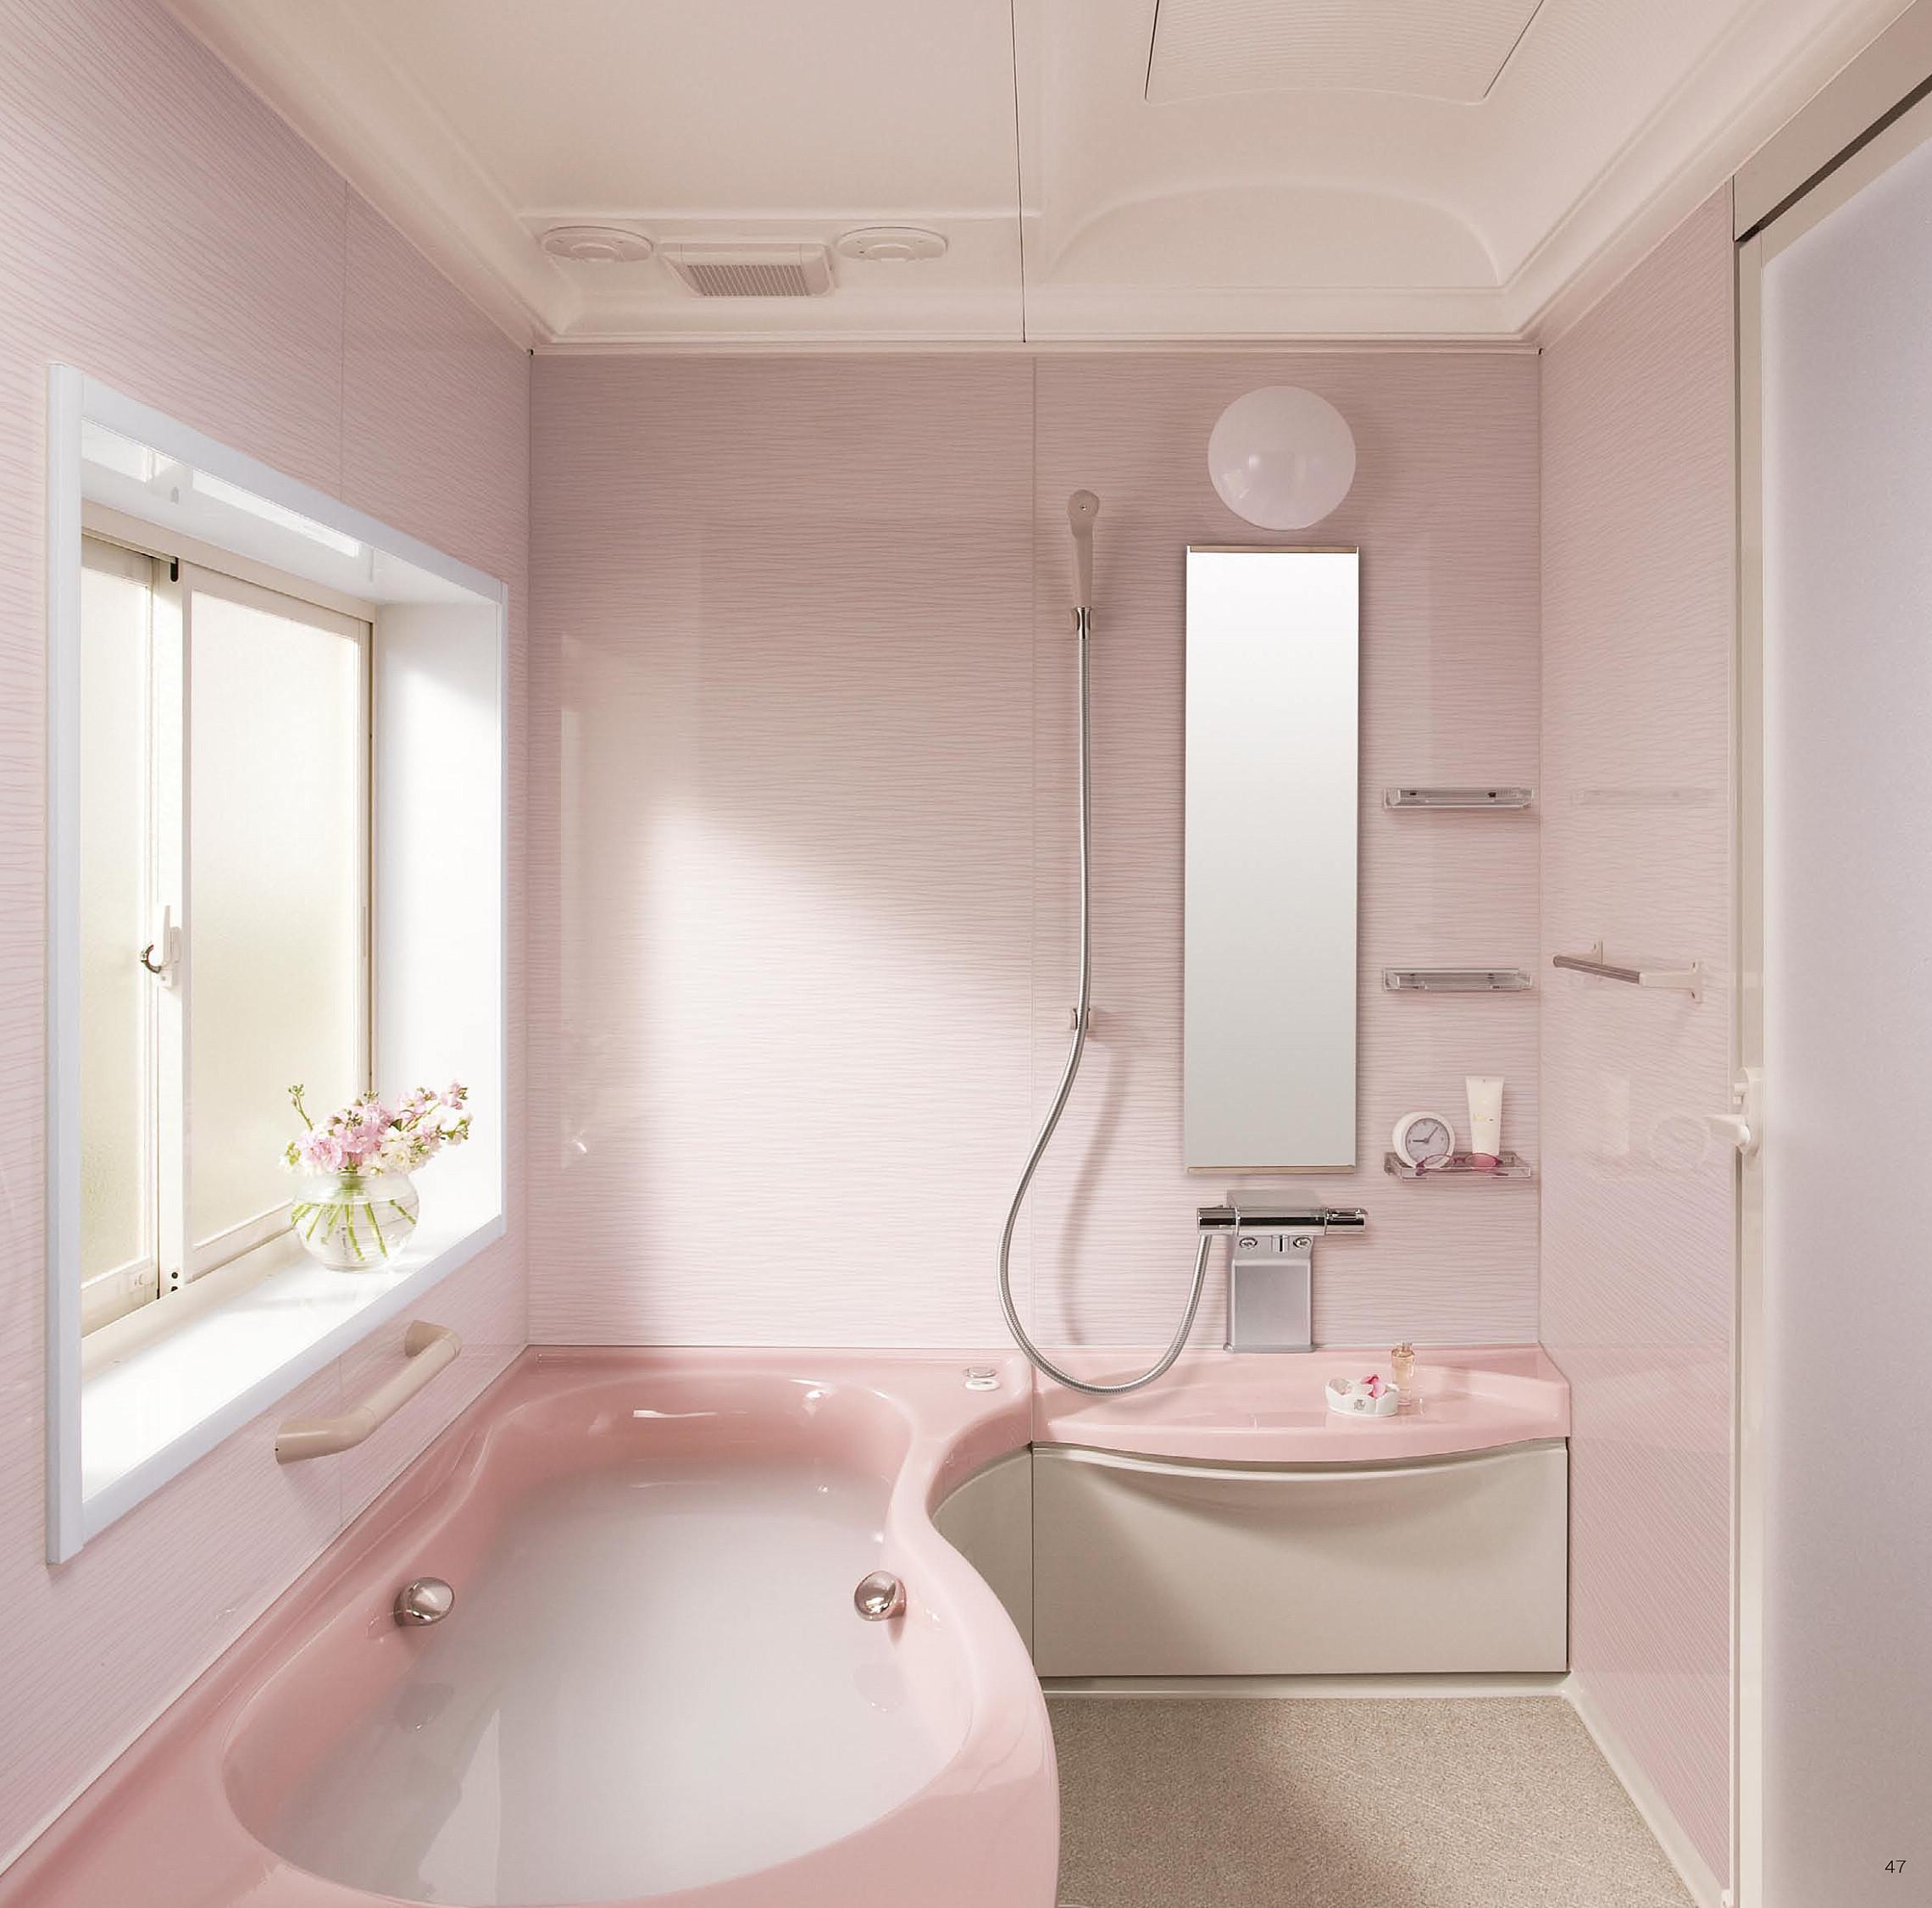 かわいいデザイン。トクラスのバスルーム『ビュート』